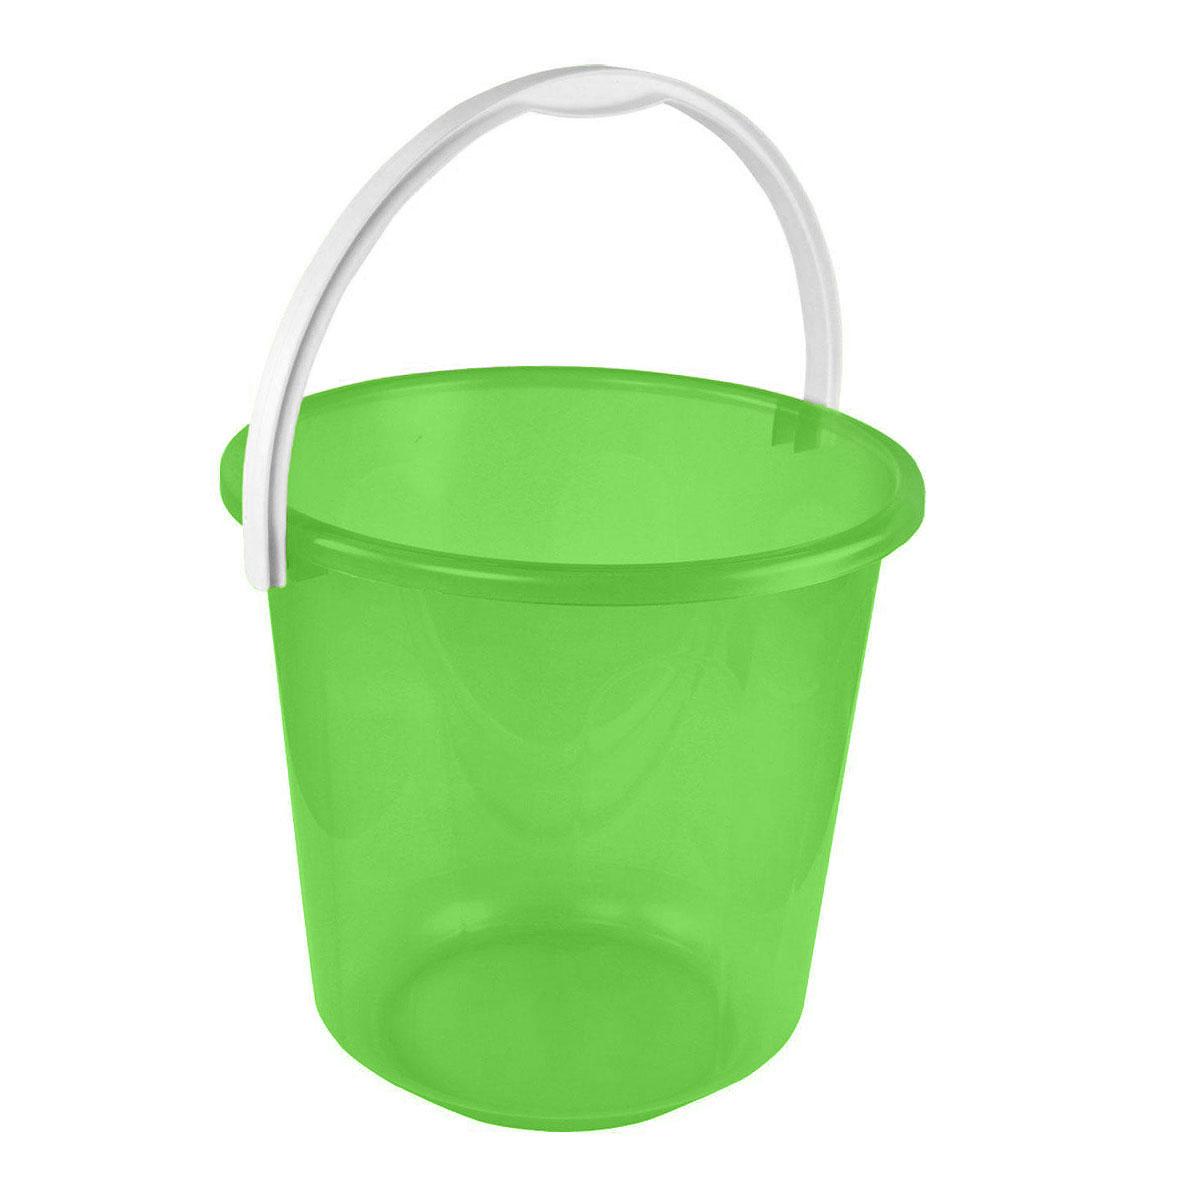 Ведро Альтернатива Хозяюшка, цвет: зеленый, 10 лМ1212Ведро Альтернатива Хозяюшка изготовлено из высококачественного пластика и оснащено отметками литража. Оно легче железного и не подвержено коррозии. Ведро имеет удобную пластиковую ручку. Такое ведро станет незаменимым помощником в хозяйстве. Идеально для хранения пищевых отходов.Размер: 28 см х 28 см х 26,5 см.